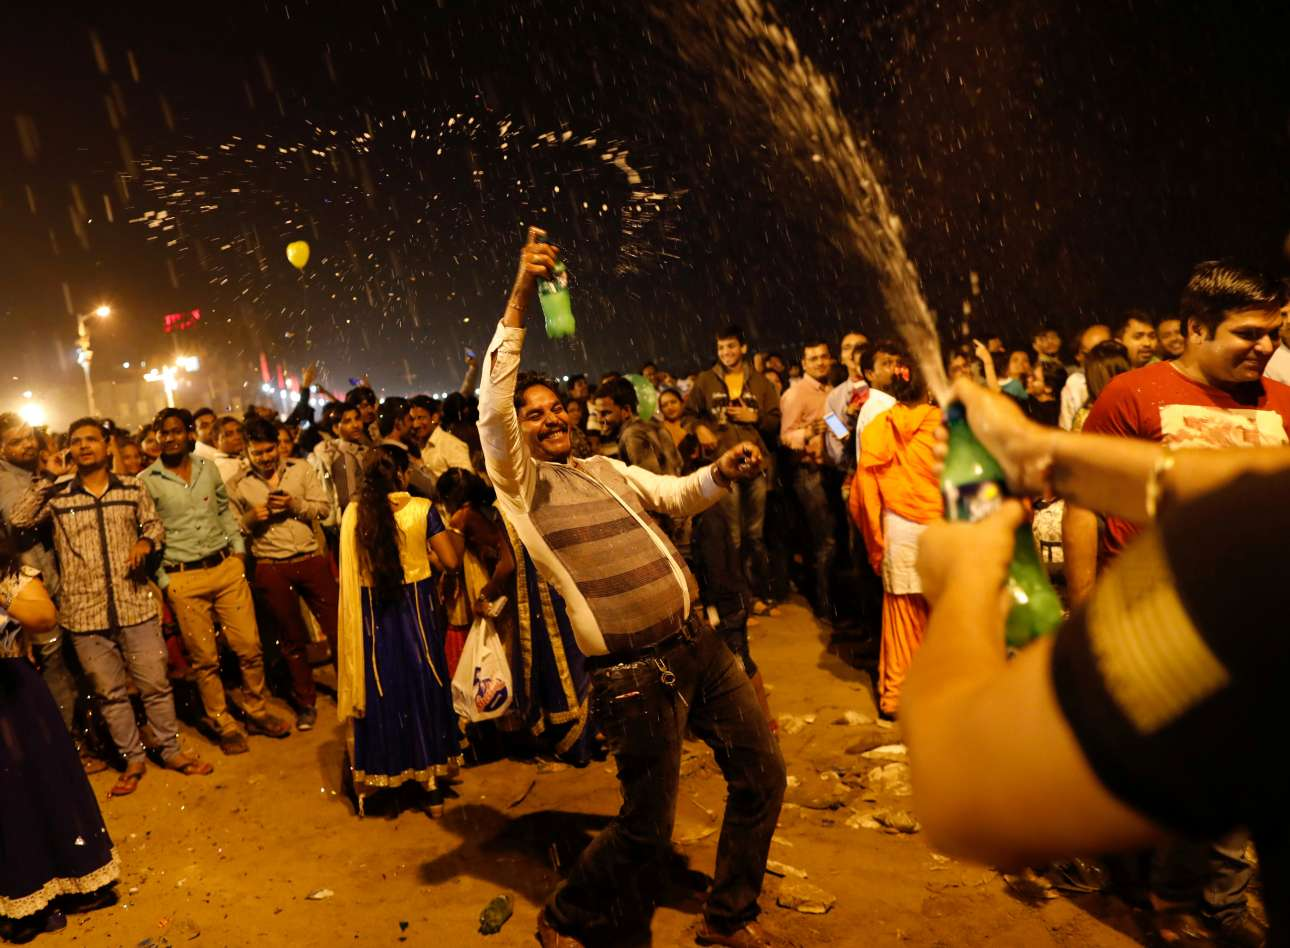 Ξέφρενο πάρτι σε παραλία στη Βομβάη (Μουμπάι) στην Ινδία